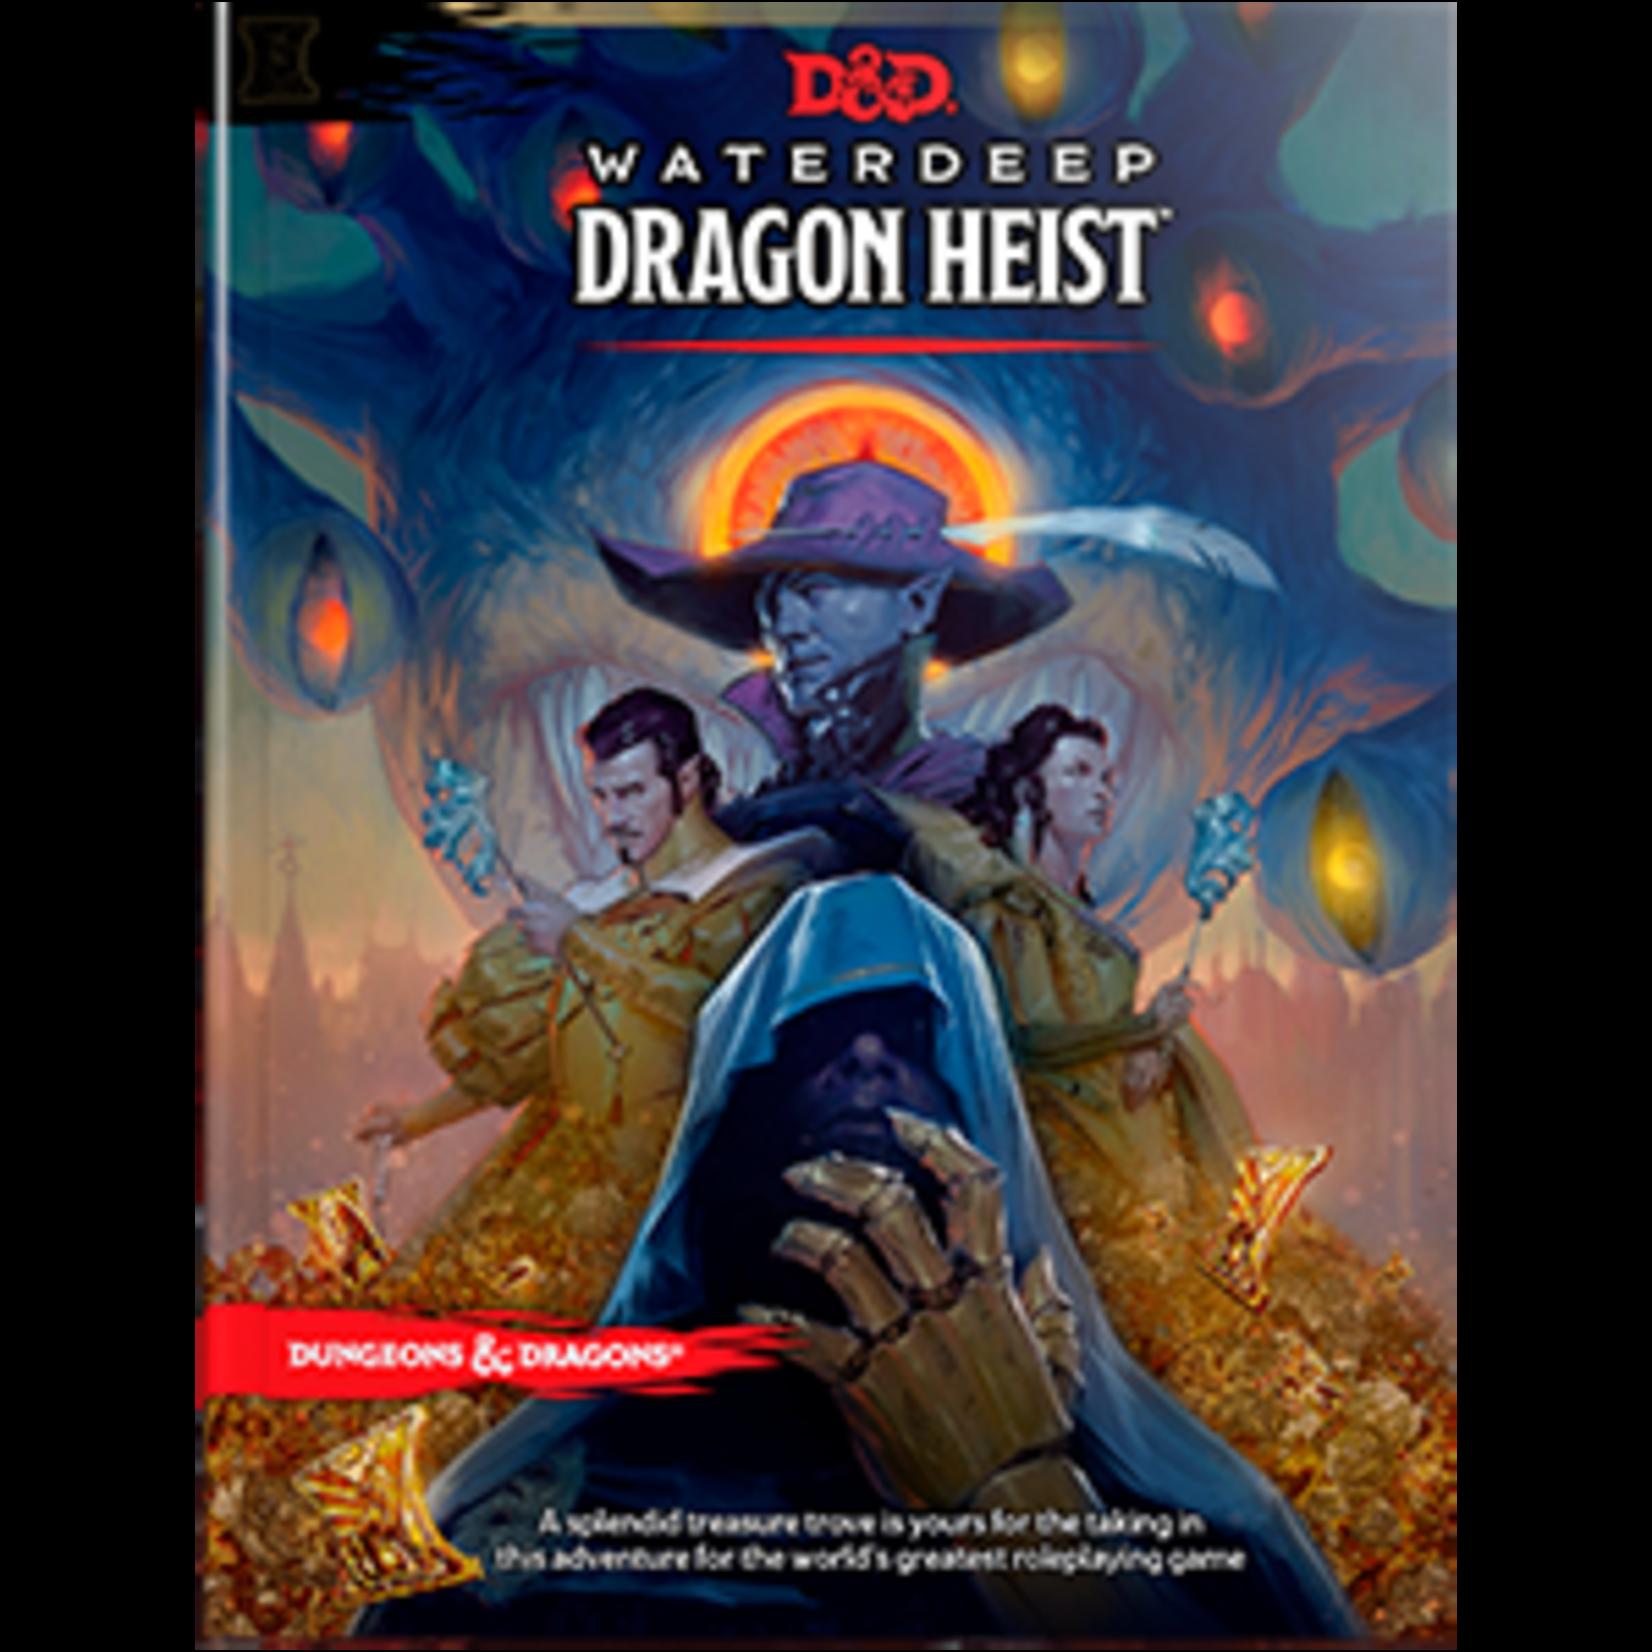 D&D: Waterdeep Dragon Heist